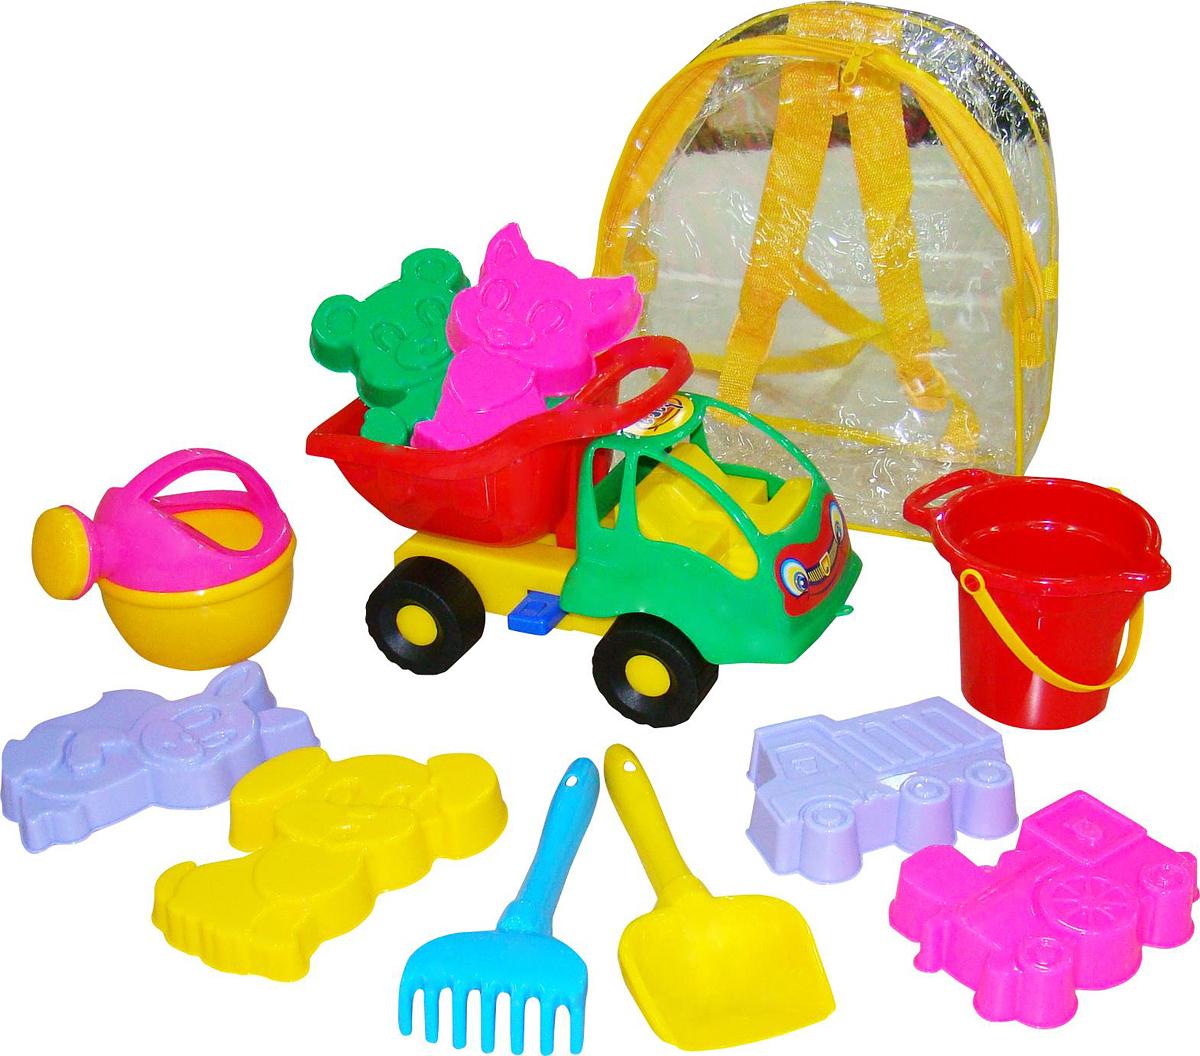 Полесье Набор игрушек для песочницы №352 Муравей полесье набор игрушек для песочницы 73